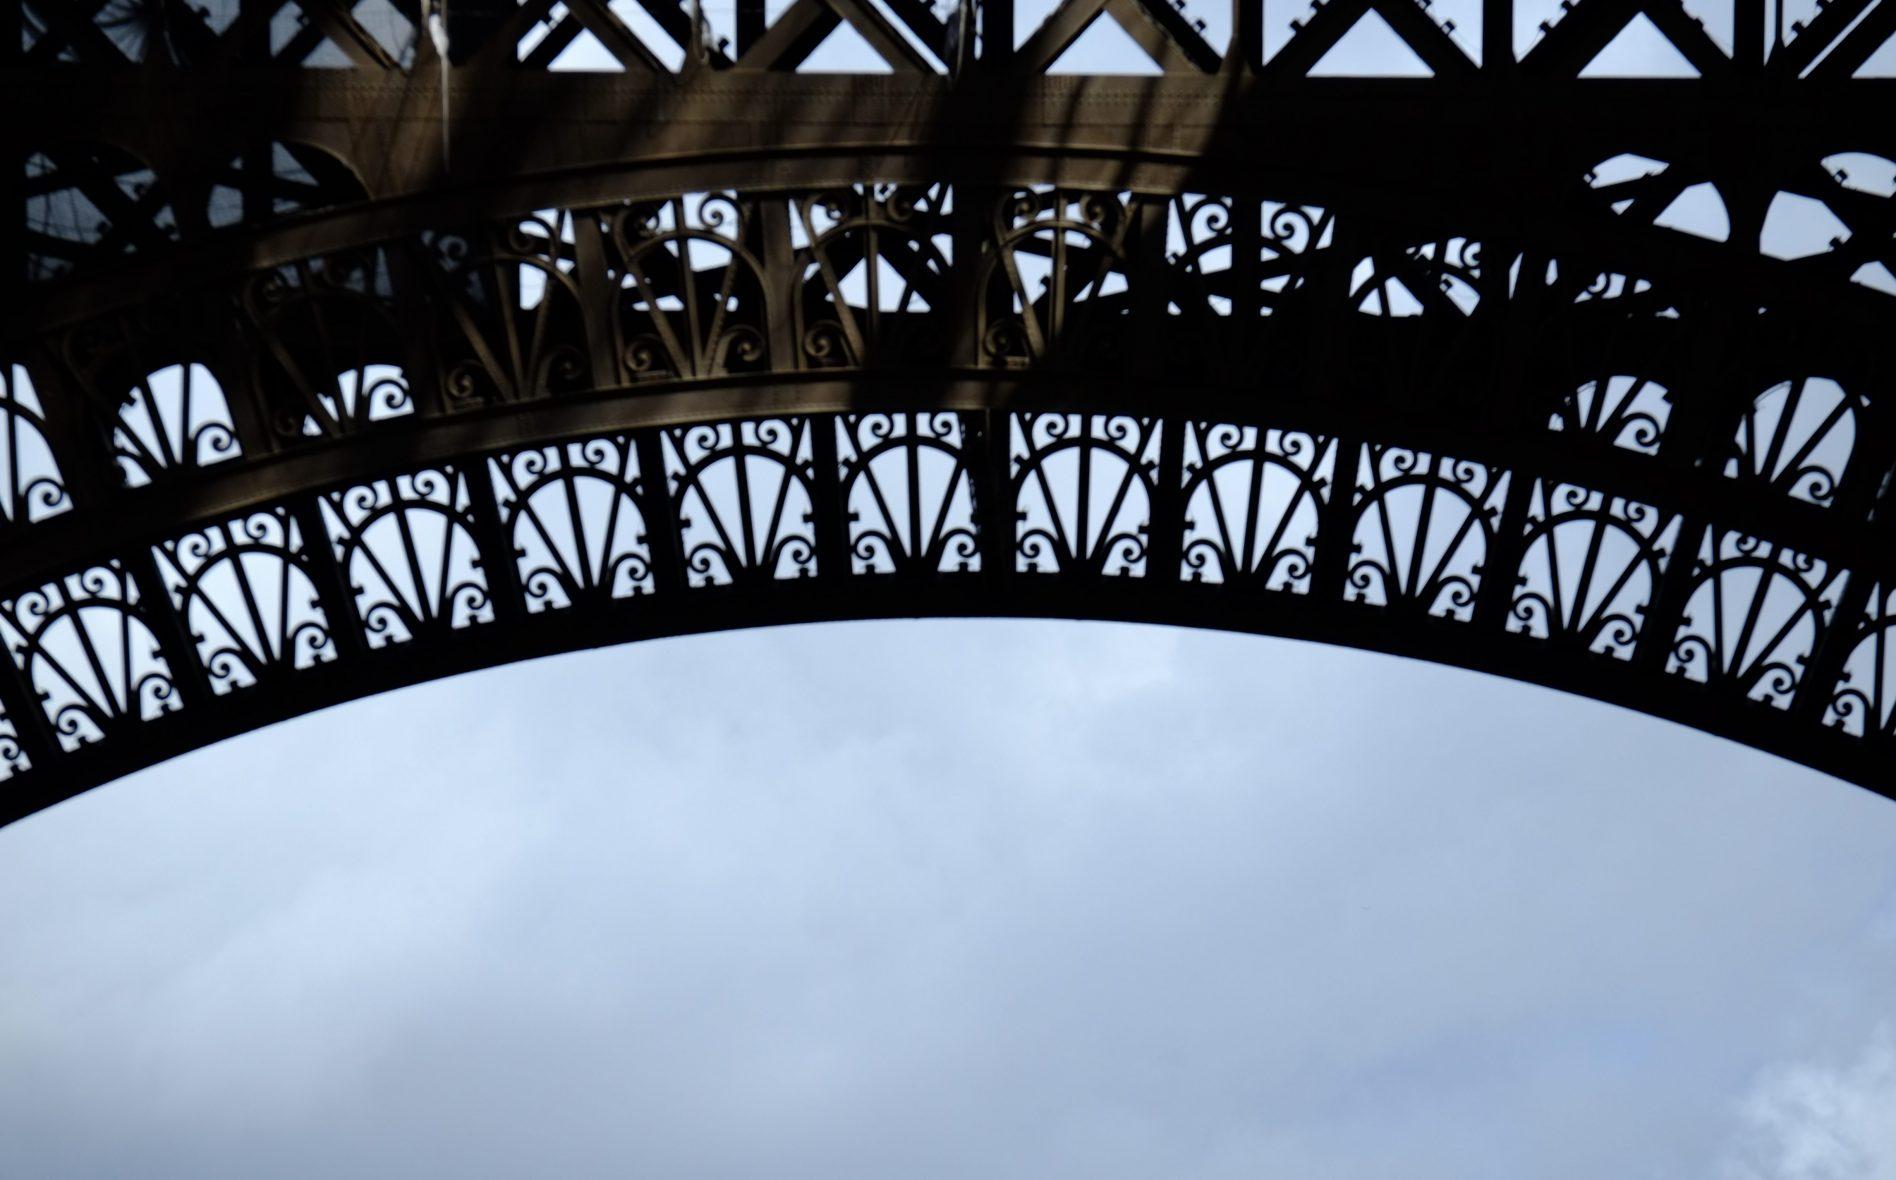 Le look inimitable de la Tour Eiffel